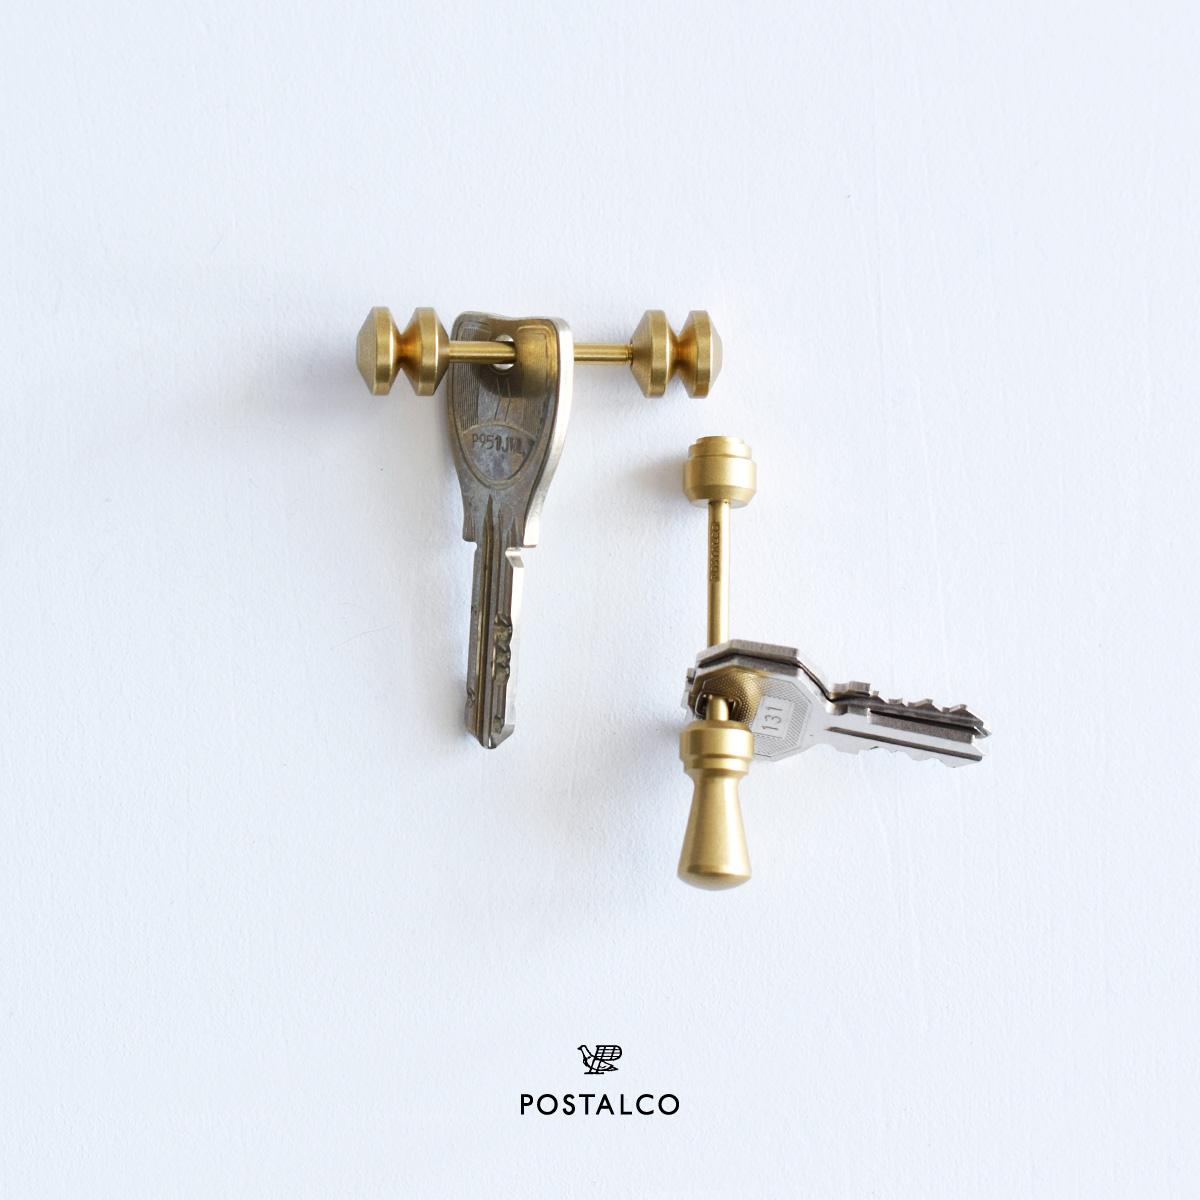 POSTALCO(ポスタルコ)トール/アバカス トーテム キーホルダー 96701-96702